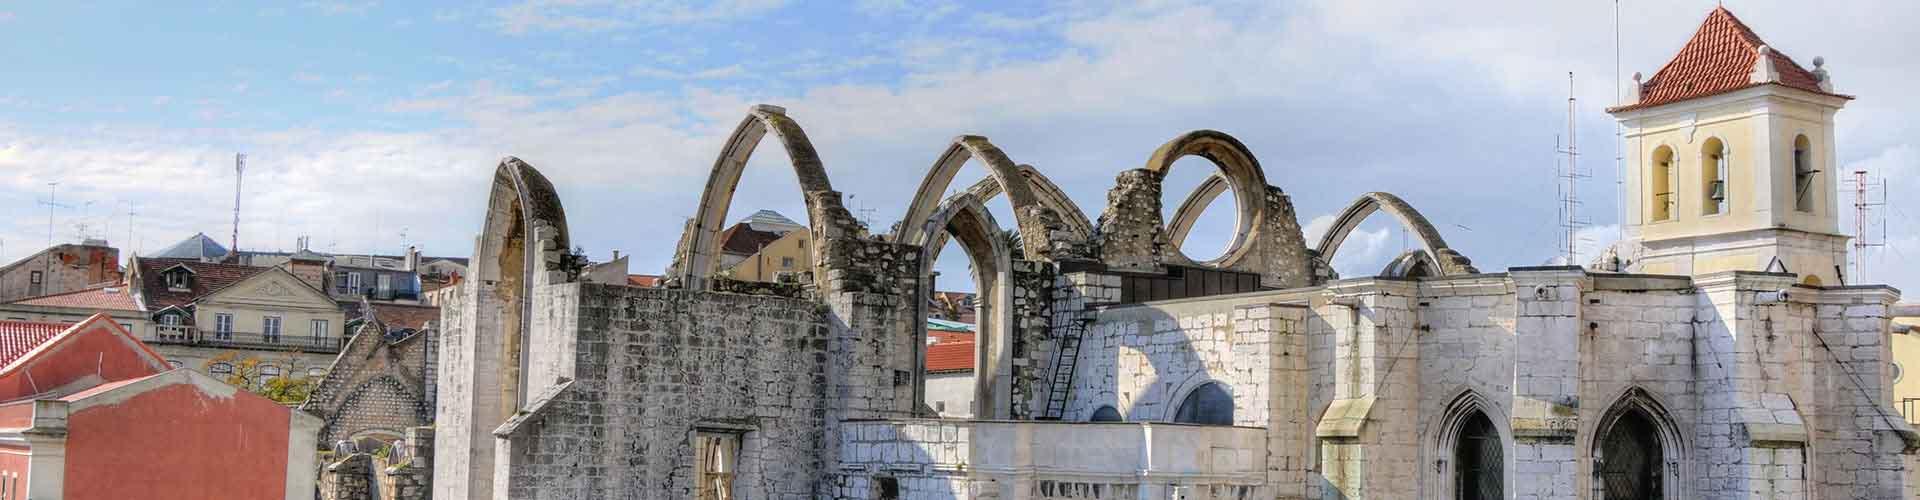 Lisbonne - Auberges de jeunesse près de Carmo Couvent. Cartes pour Lisbonne, photos et commentaires pour chaque auberge de jeunesse à Lisbonne.